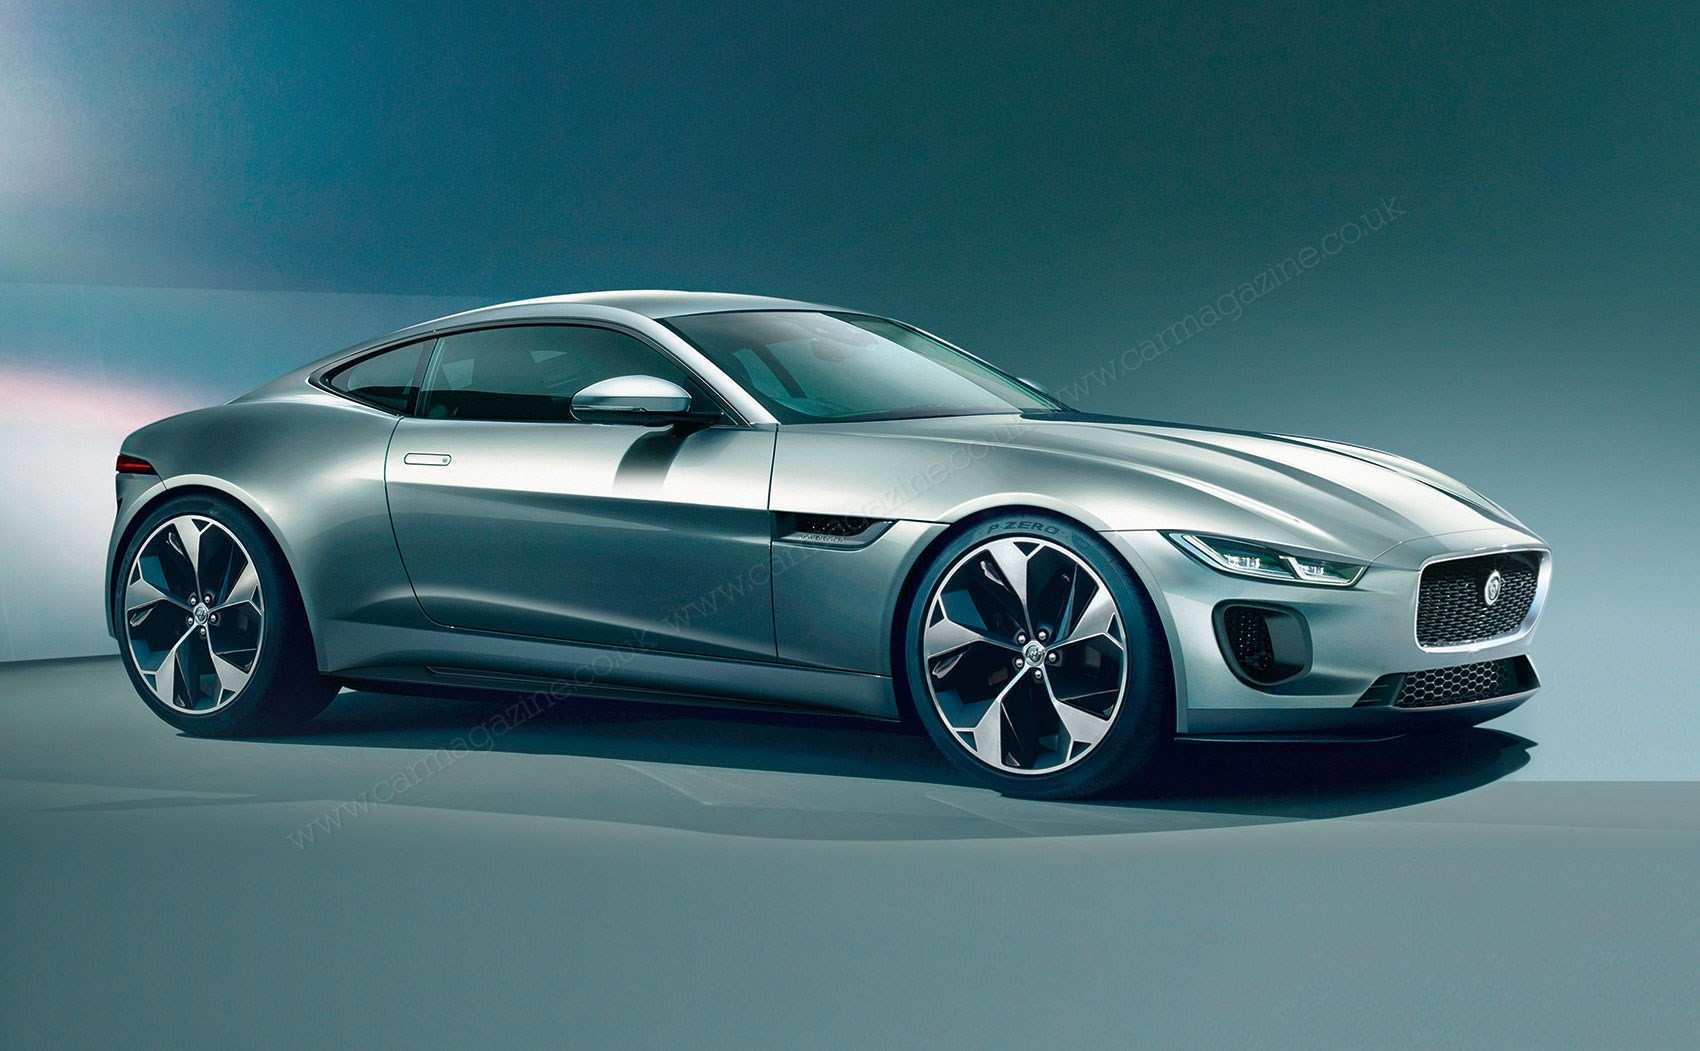 54 Great Jaguar Concept 2020 New Review with Jaguar Concept 2020